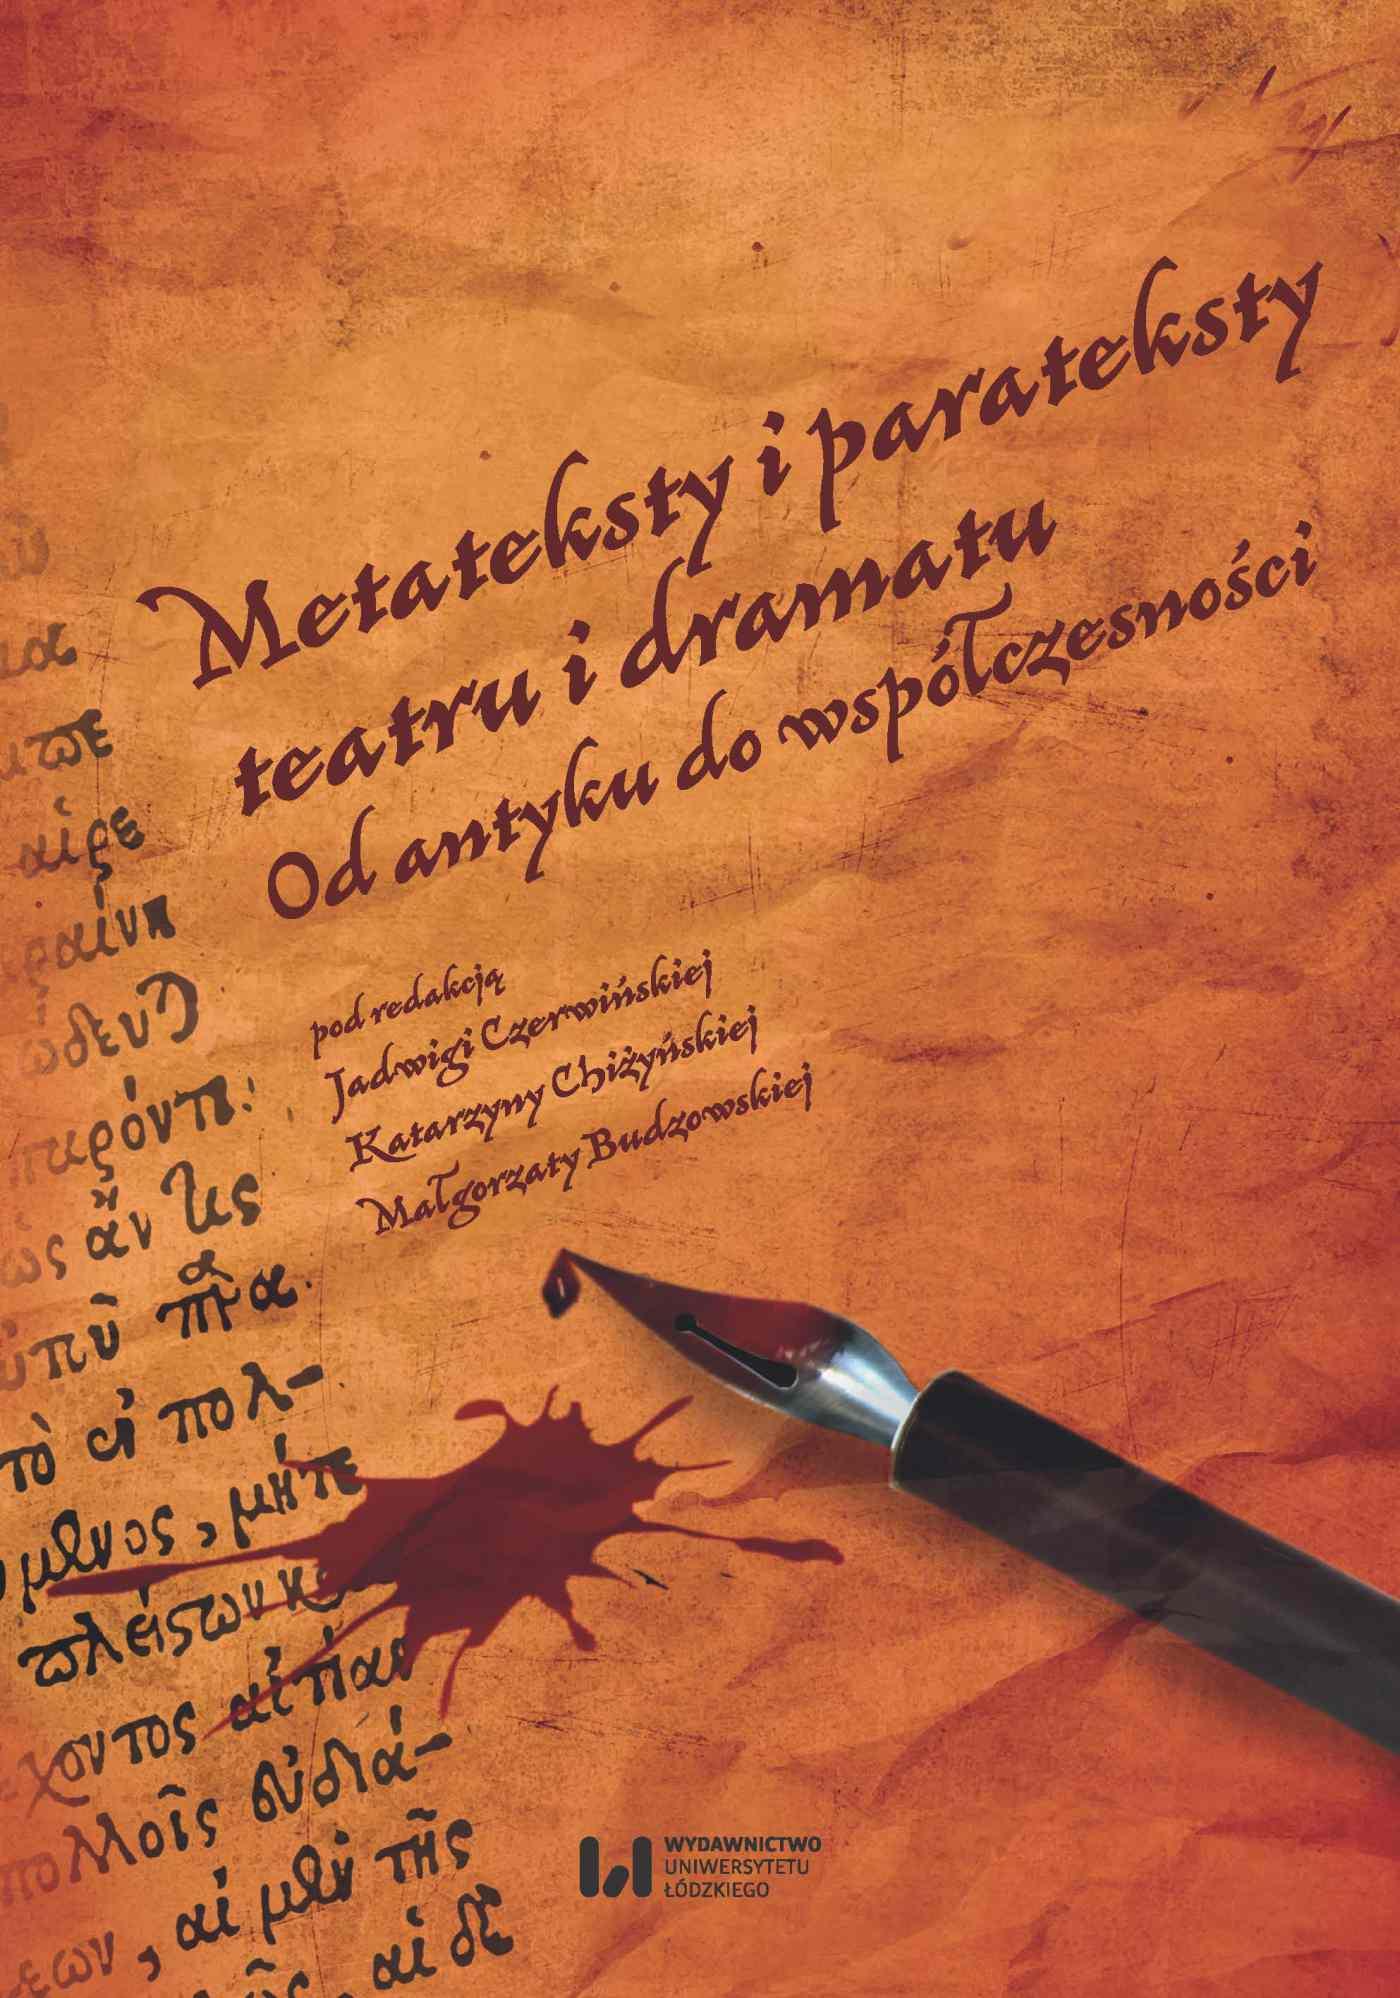 Metateksty i parateksty teatru i dramatu. Od antyku do współczesności - Ebook (Książka PDF) do pobrania w formacie PDF